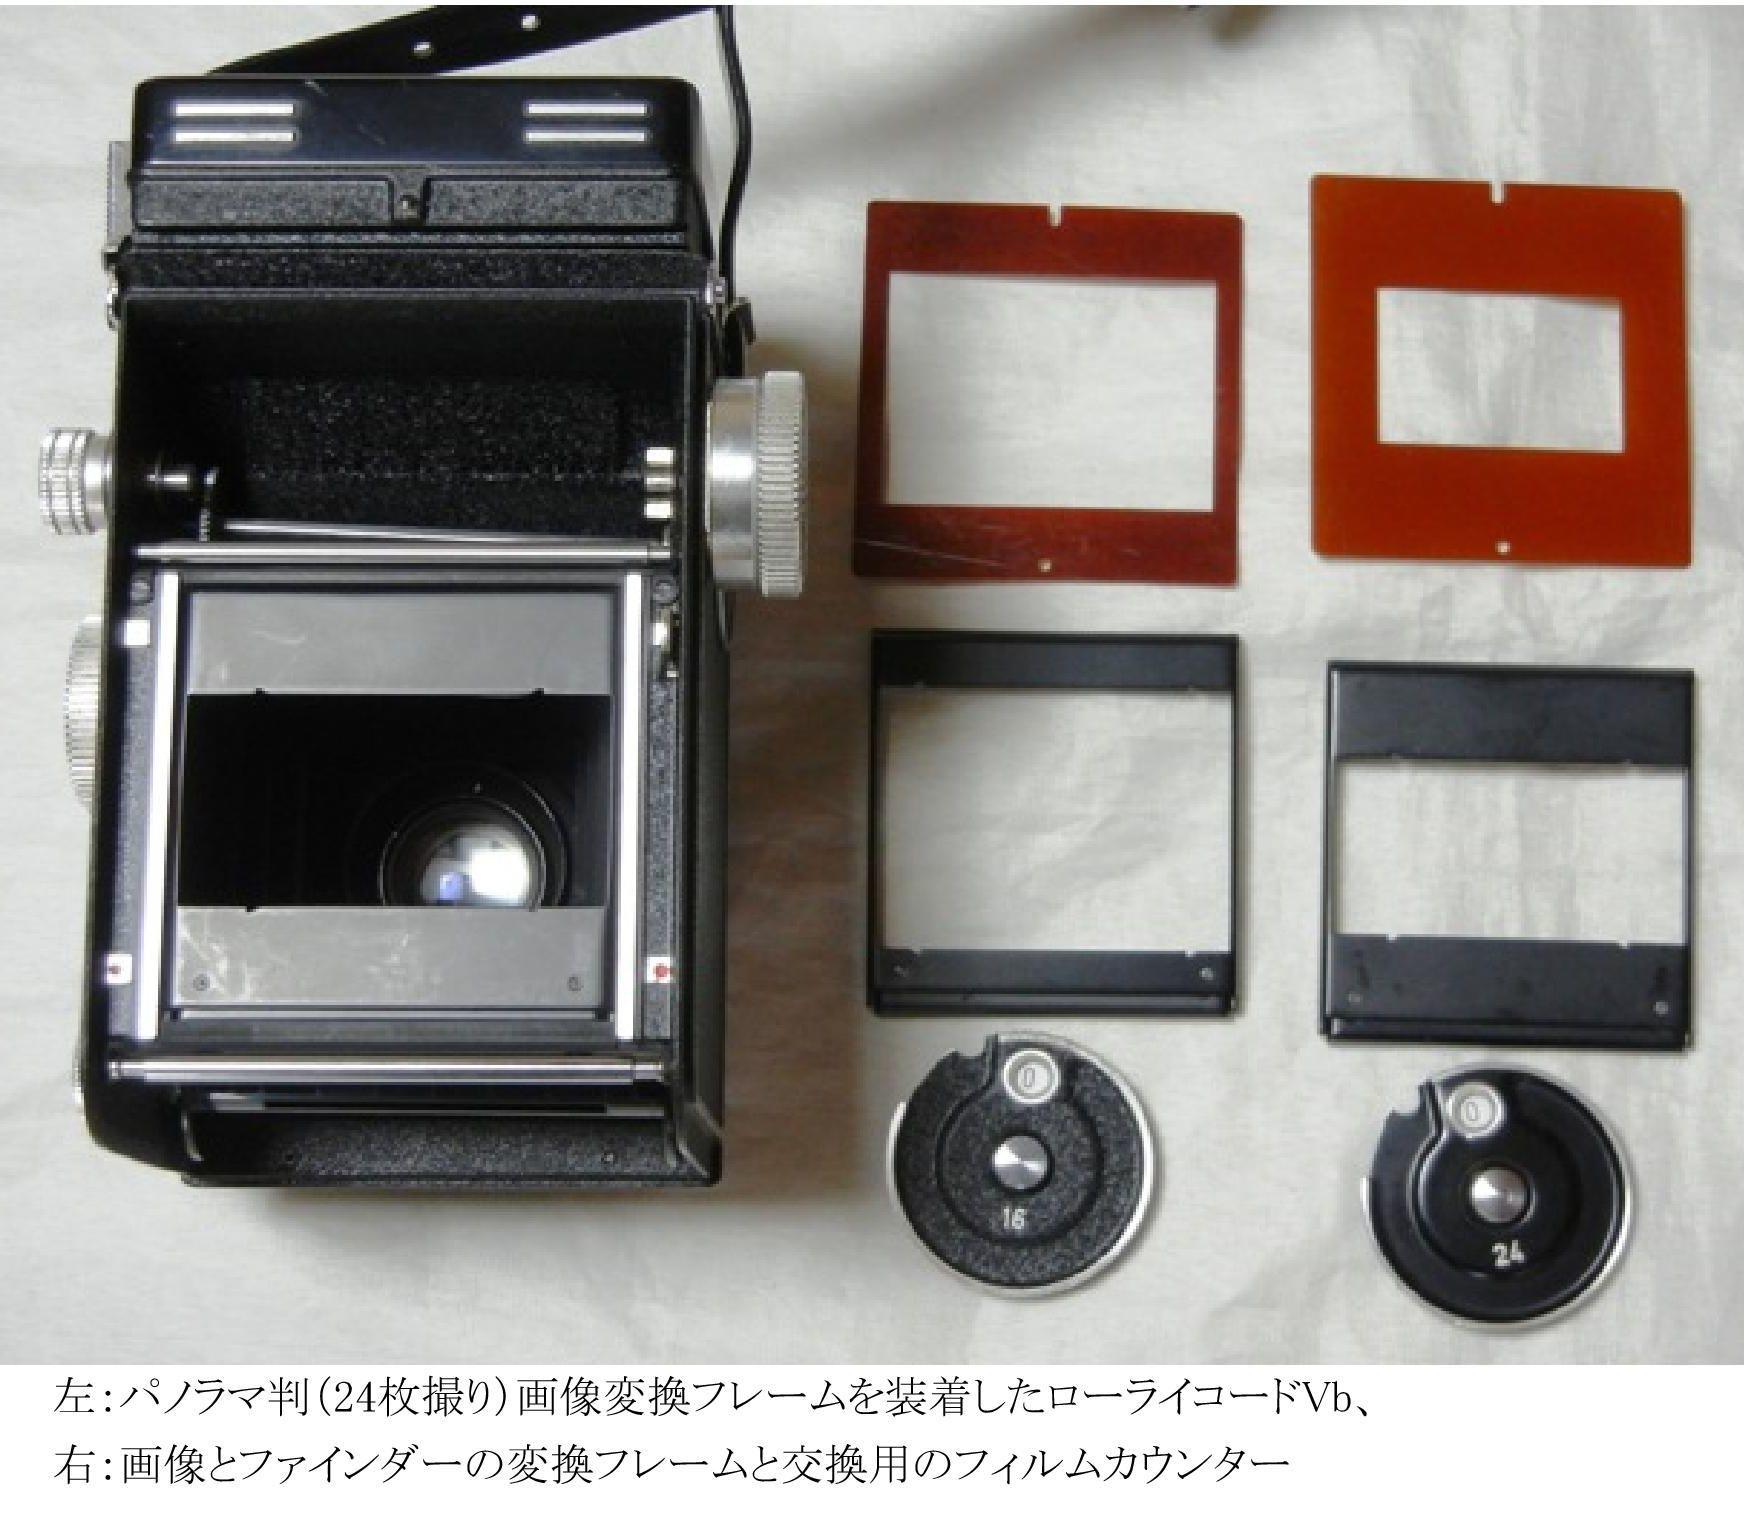 第12回 好きやねん大阪カメラ倶楽部 例会報告_d0138130_11104516.jpg